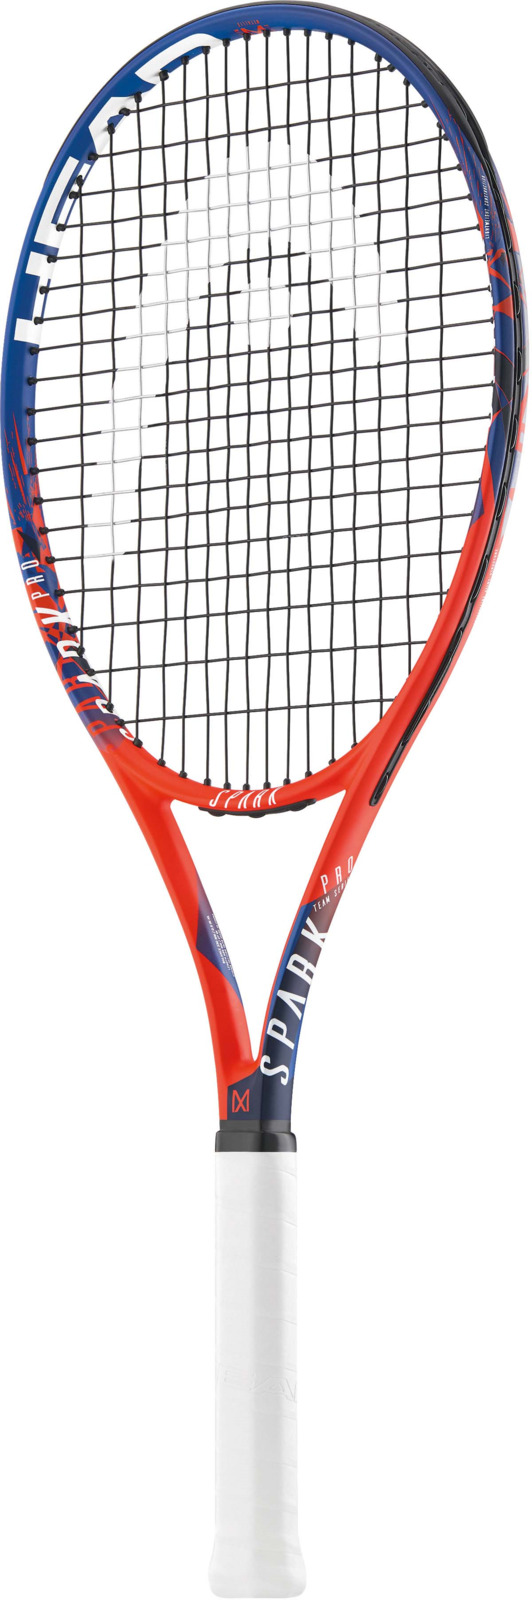 Ракетка теннисная Head MX Spark Pro, оранжевый, ручка 2 теннисная ракетка prince 7t35